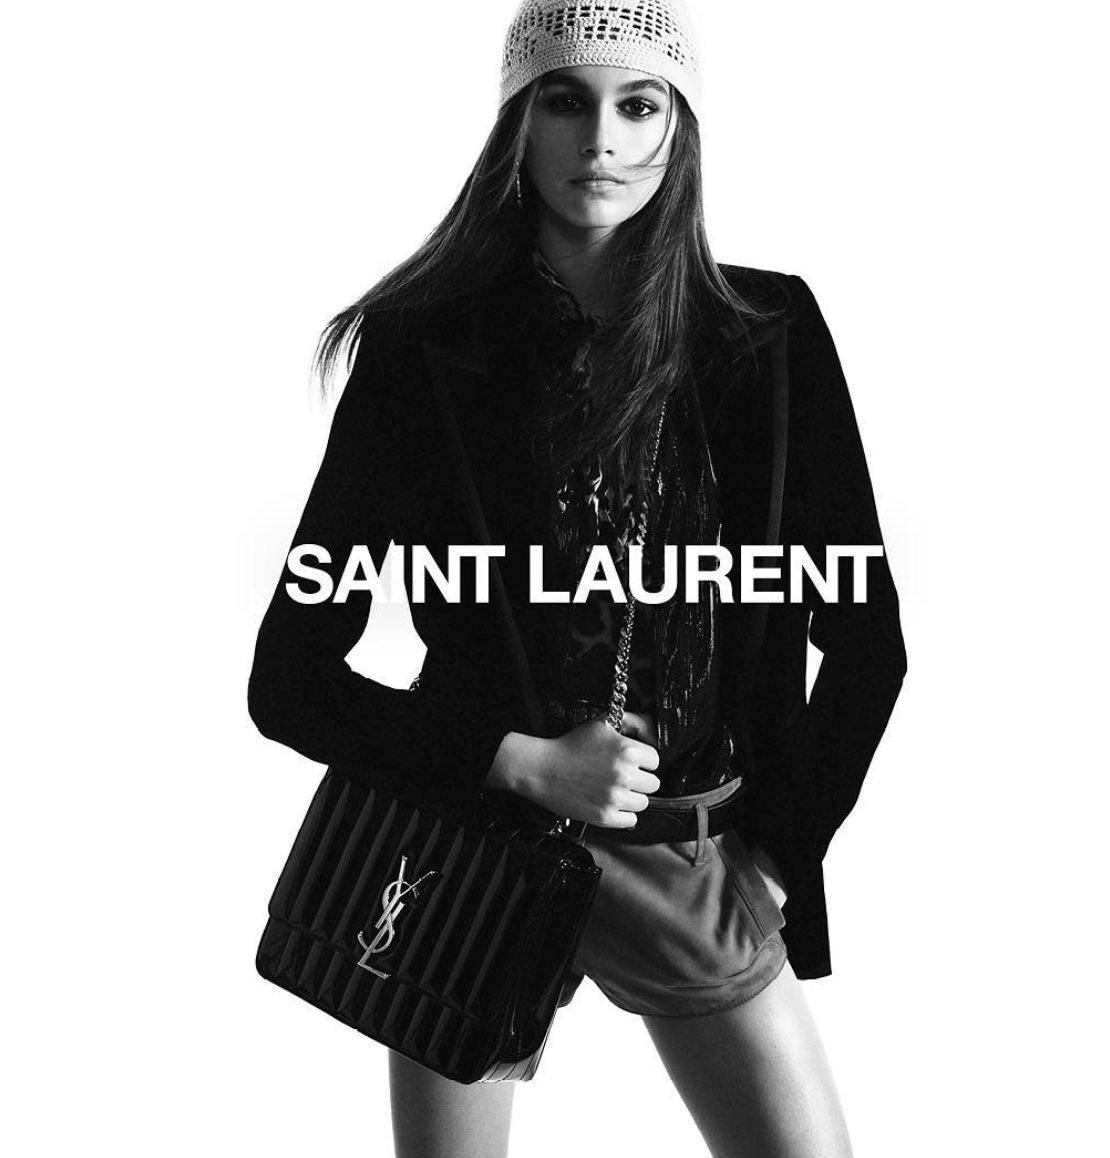 YSL Saint Laurent 明星最愛款,Niki包/Vicky包/學院包/皮夾等, FORWARD現在有七折喔